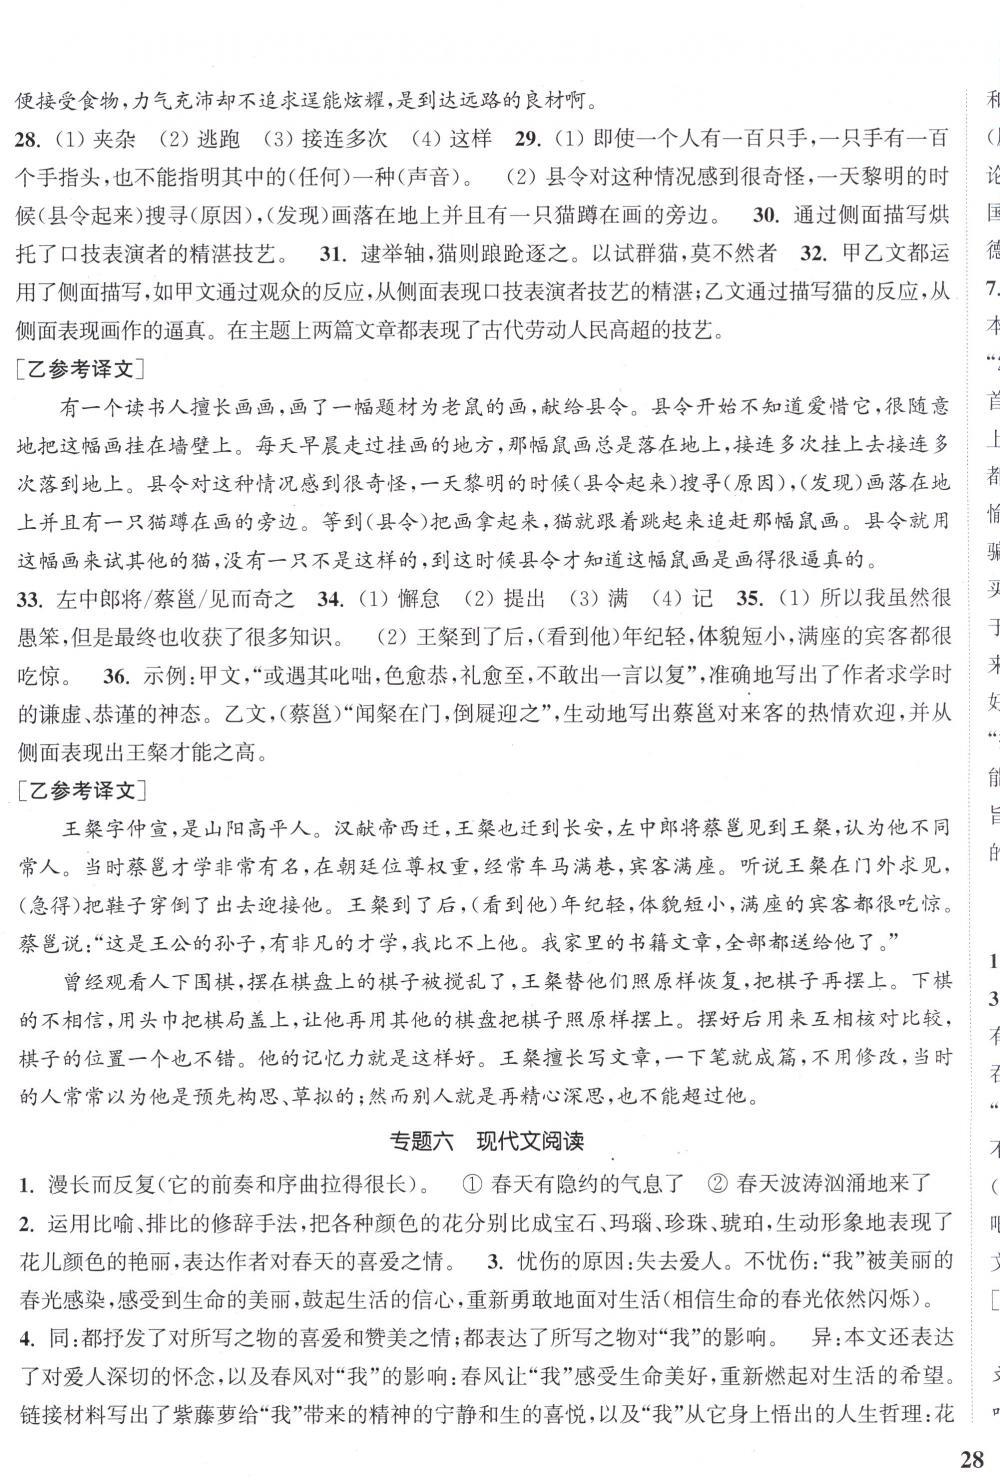 2018年通城学典课时作业本八年级语文下册苏教版第18页